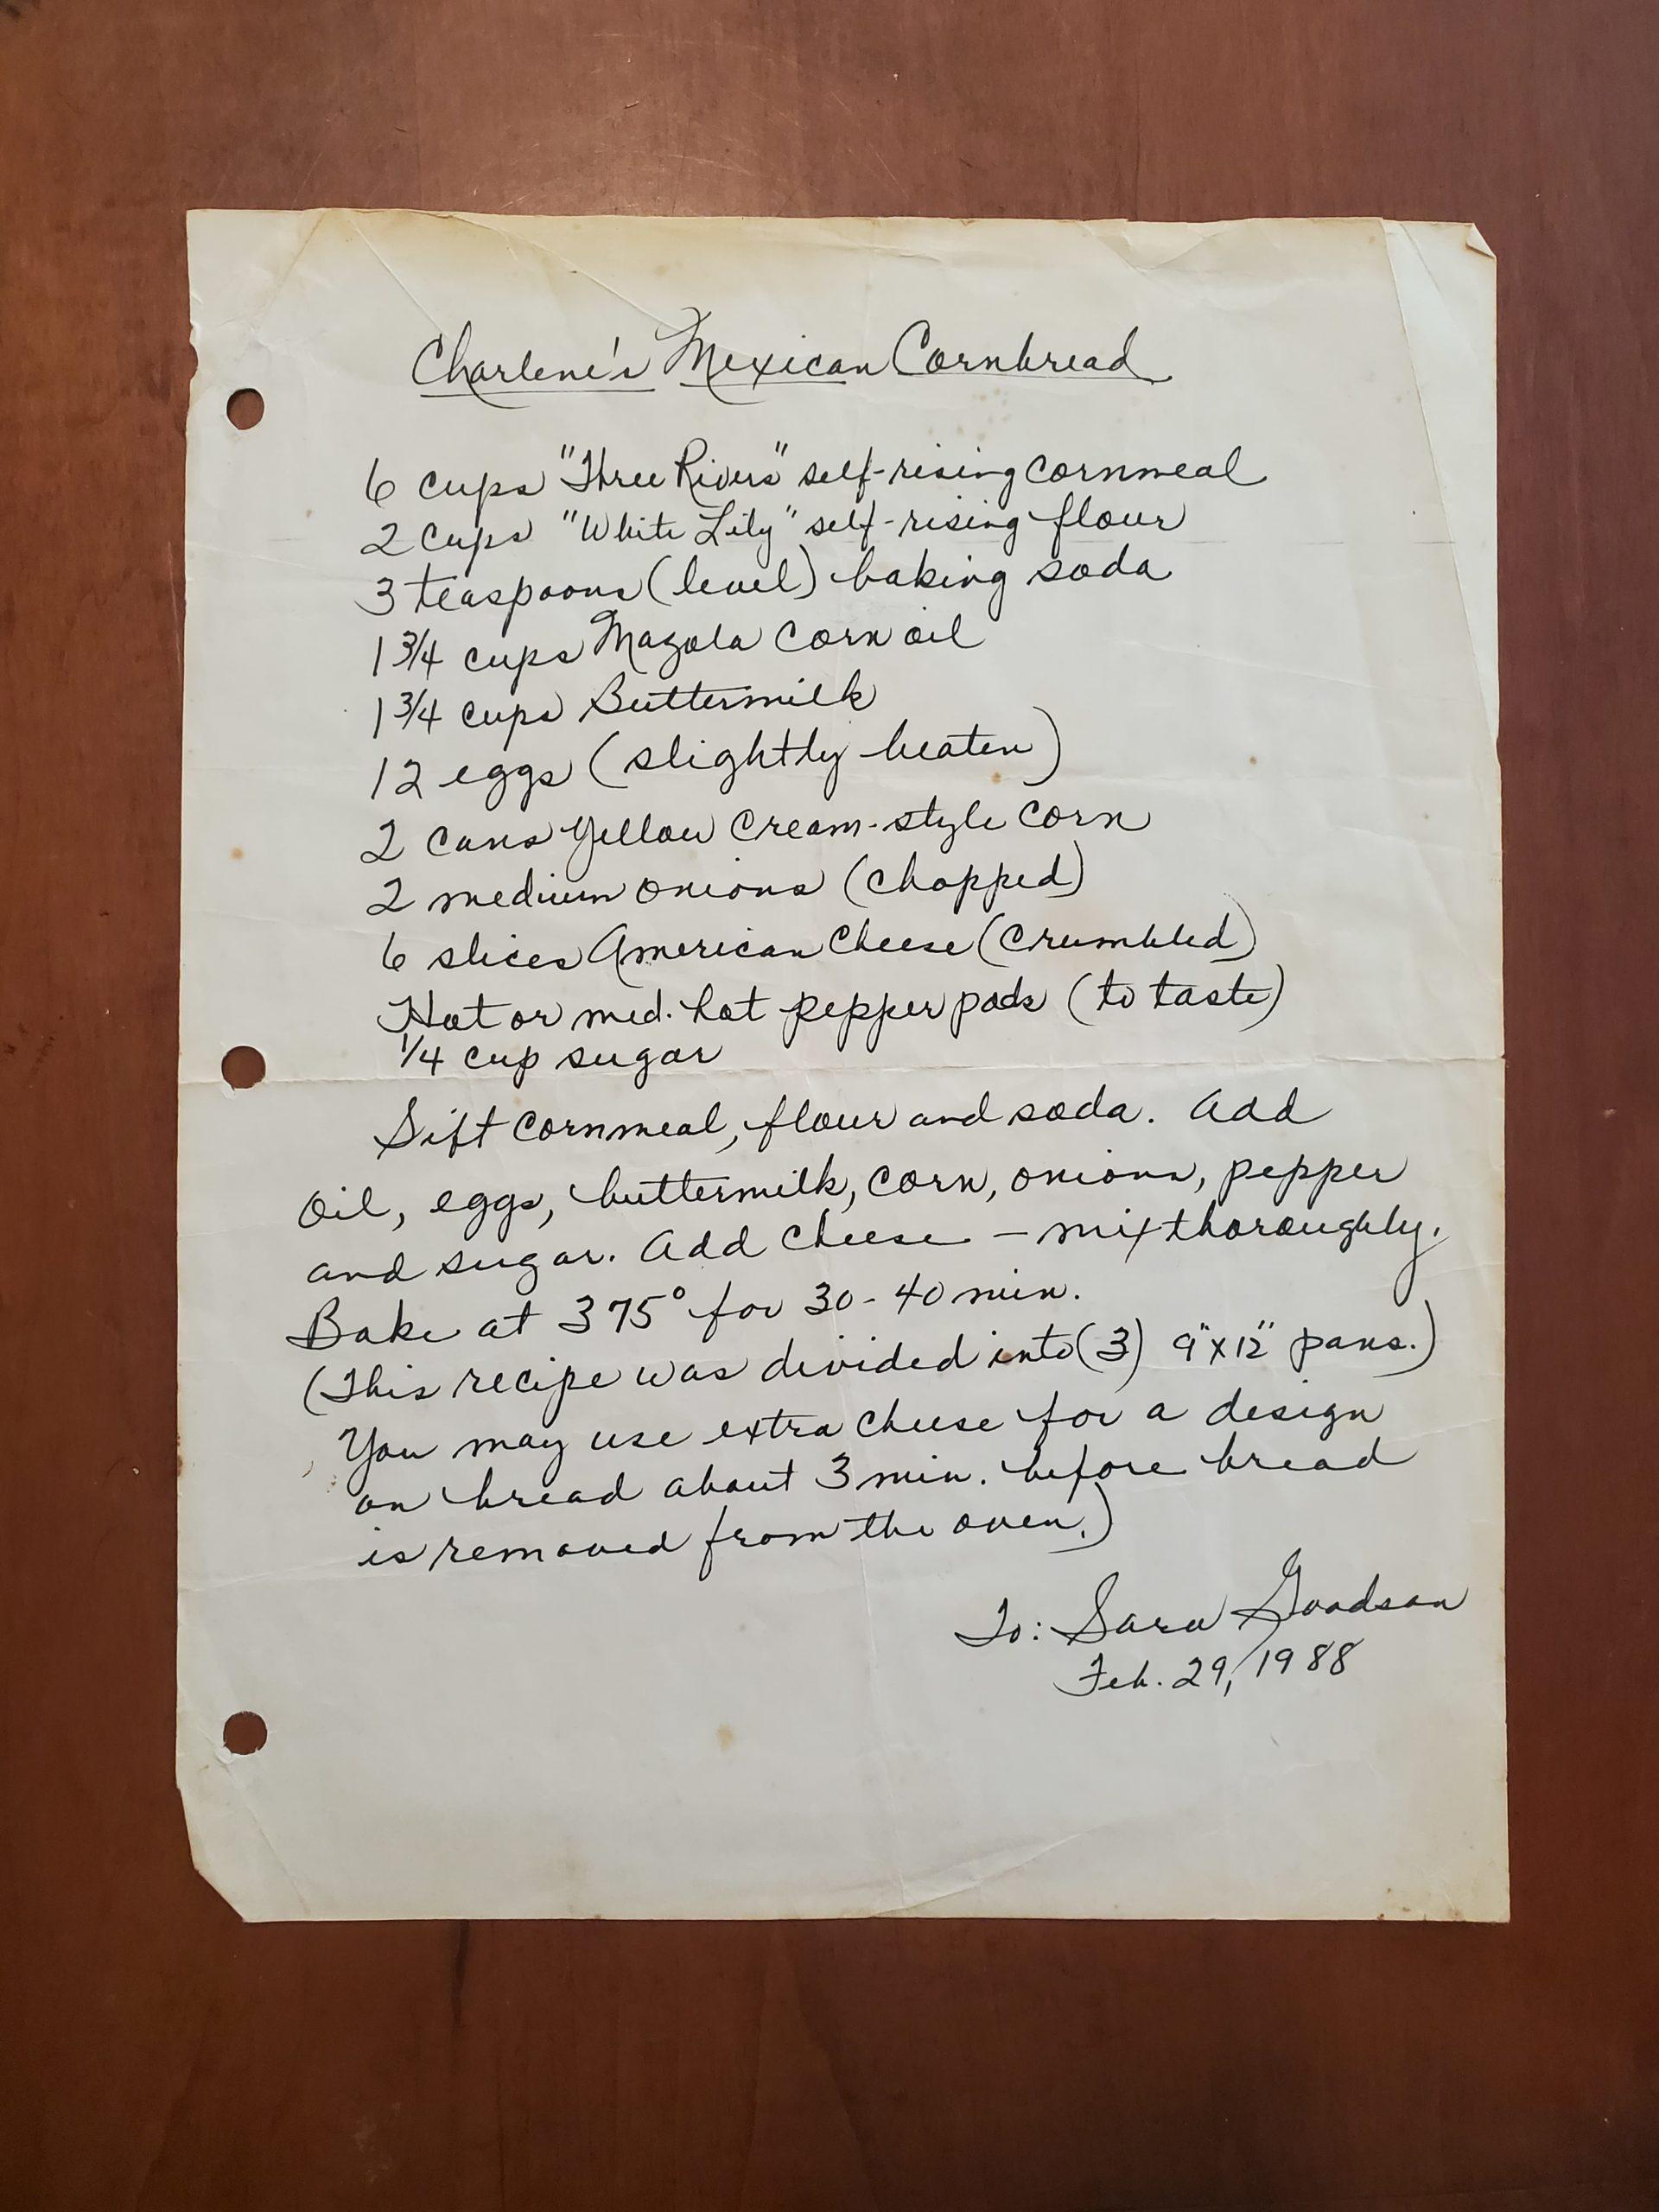 Handwritten Mexican Cornbread Recipe